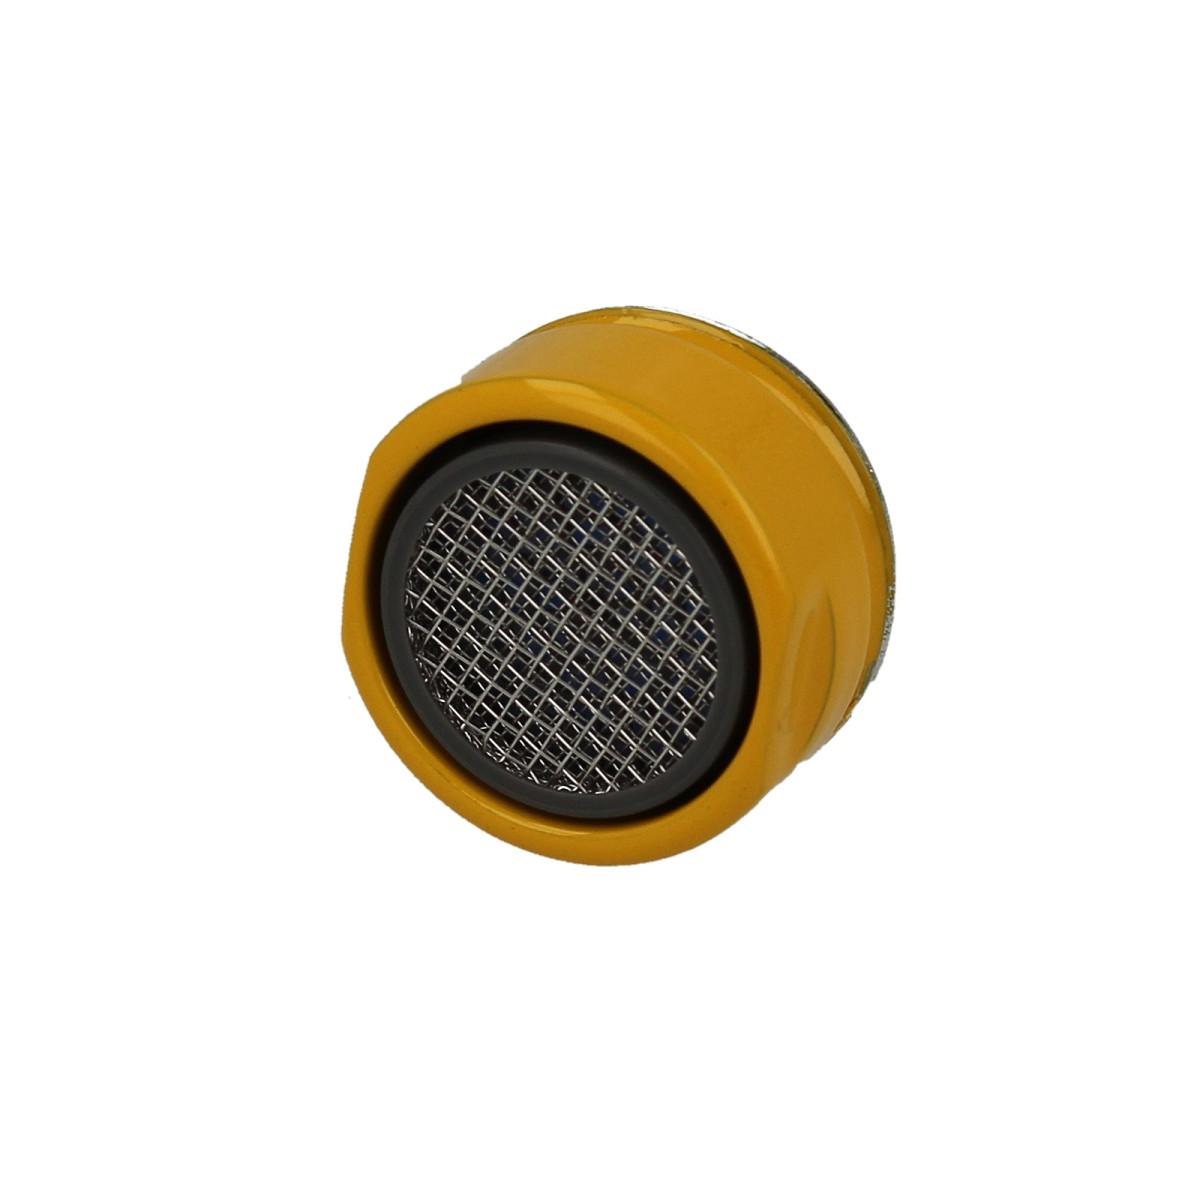 mischd se strahlregler luftsprudler perlator m24x1 ag gelb ral. Black Bedroom Furniture Sets. Home Design Ideas